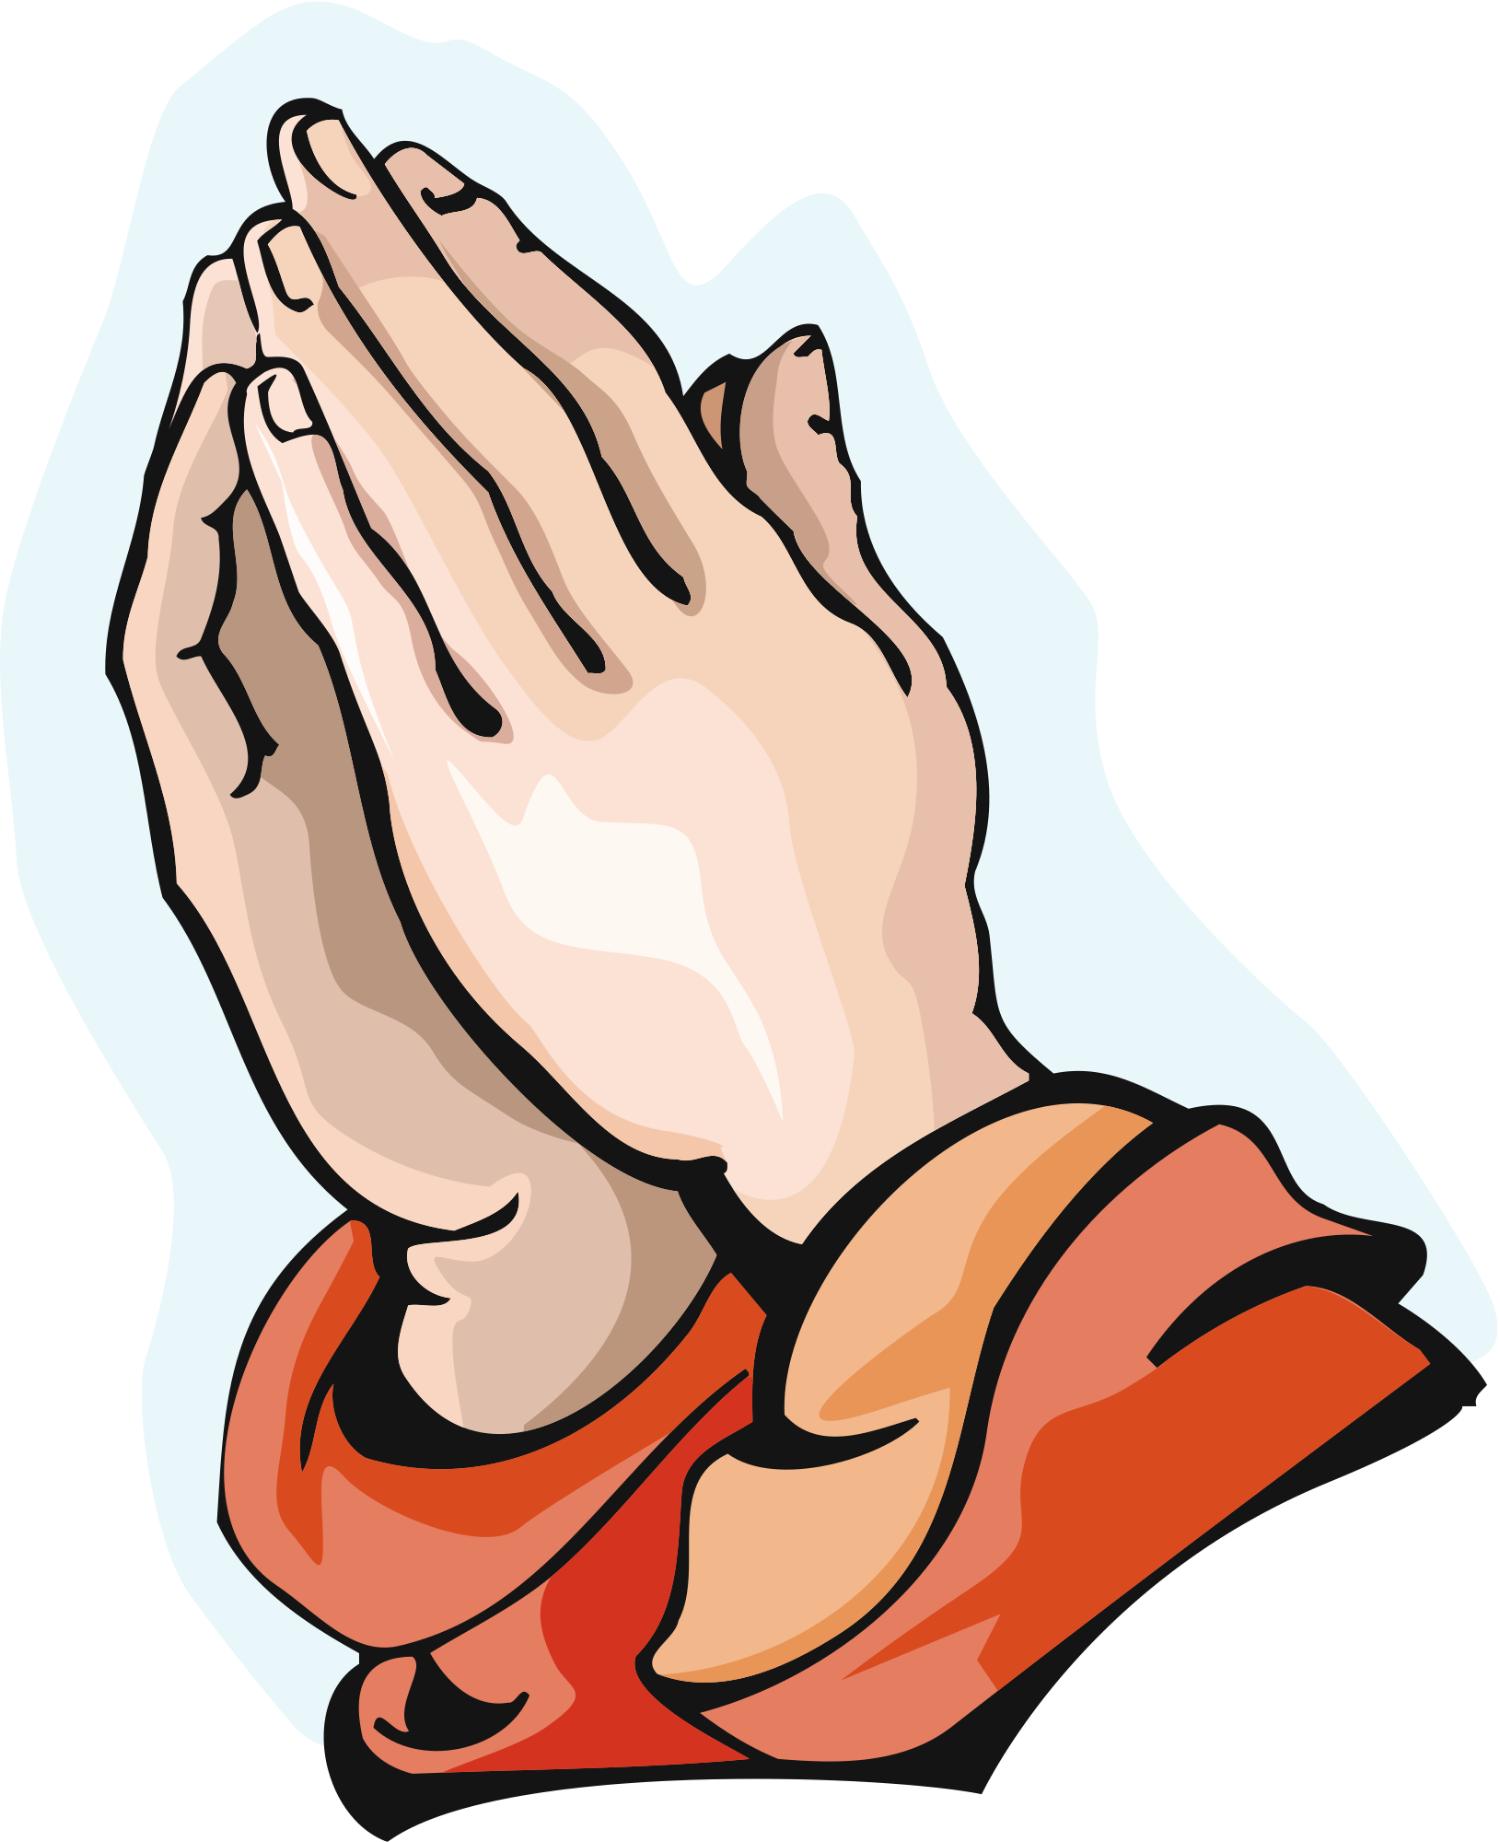 Praying Hands Clipart Cartoon Prayer Hands Clipart.